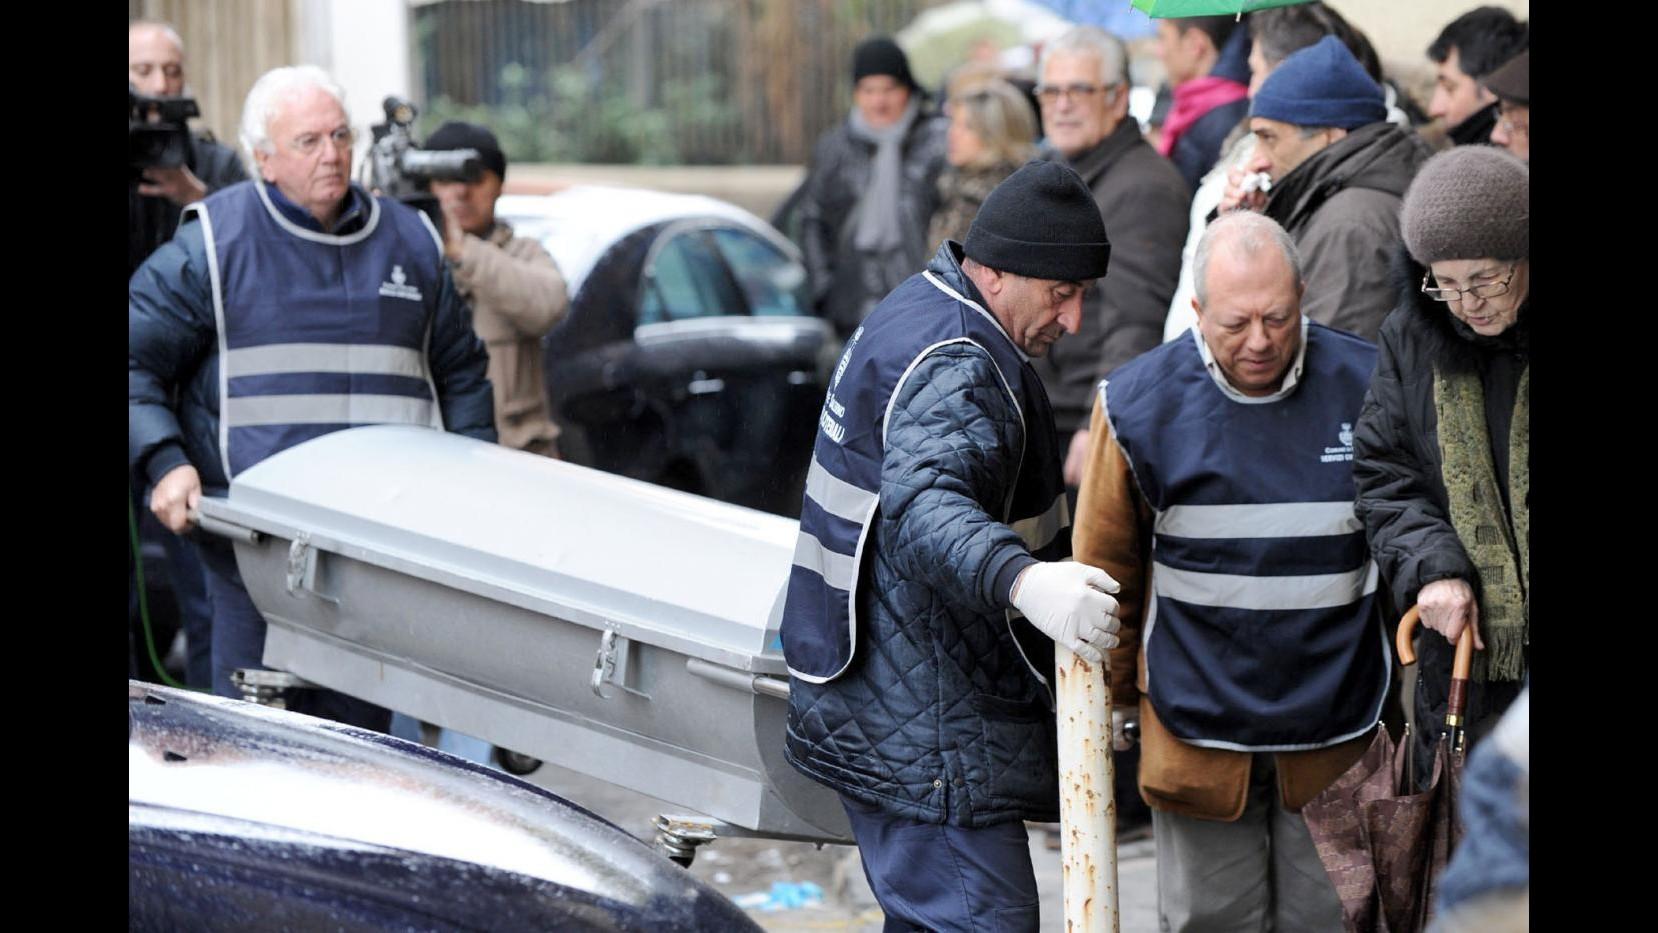 Viminale: Sono 832 i cadaveri non identificati di persone scomparse